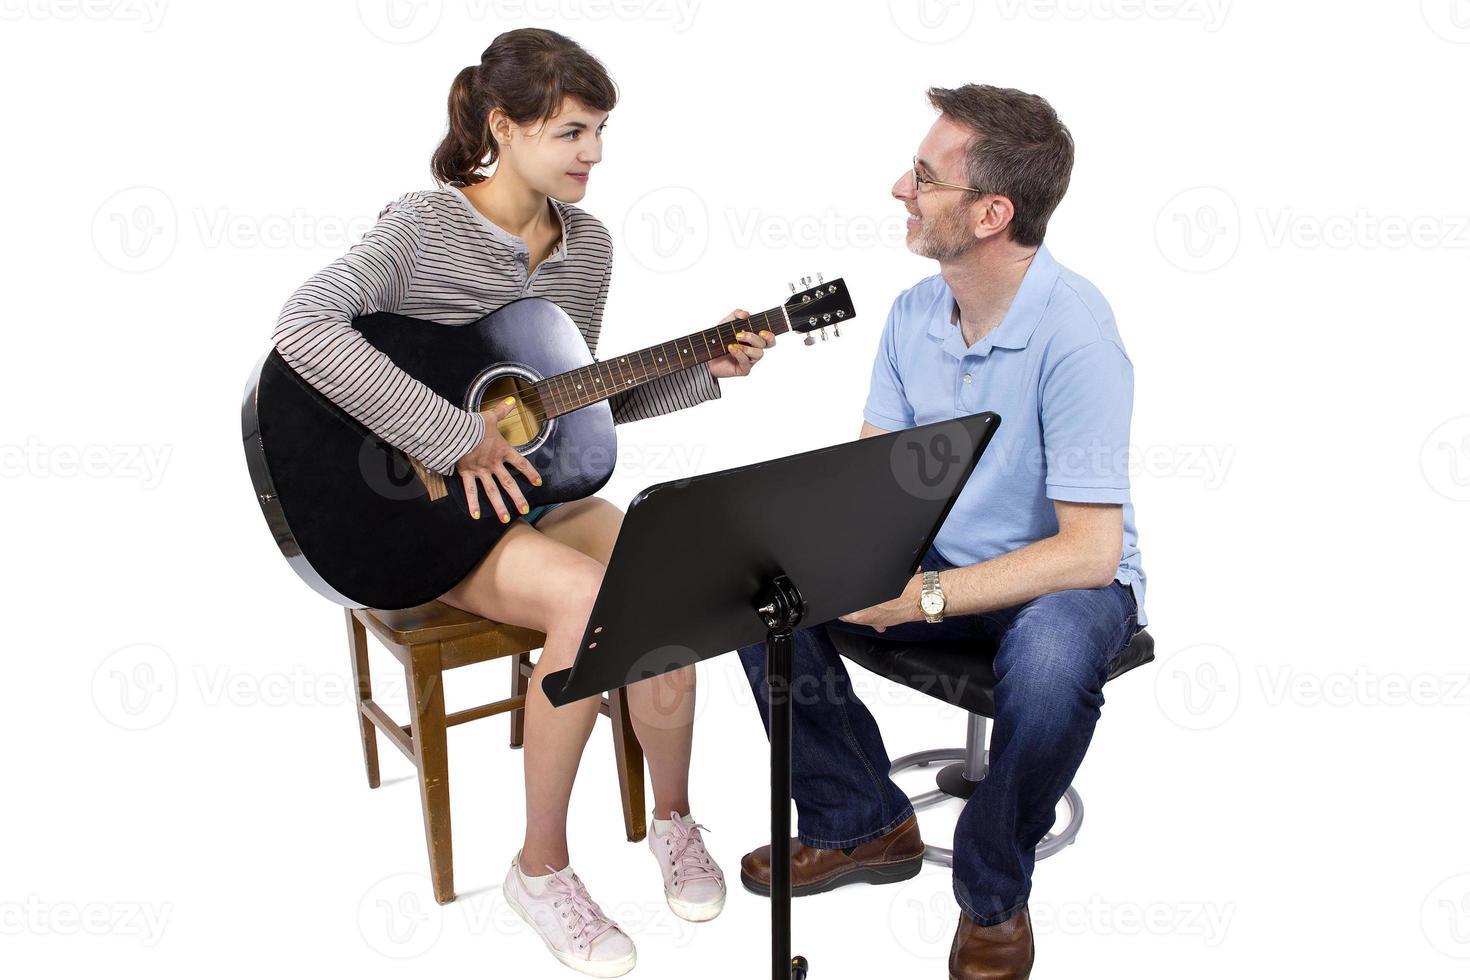 muzieklessen met gitaar foto